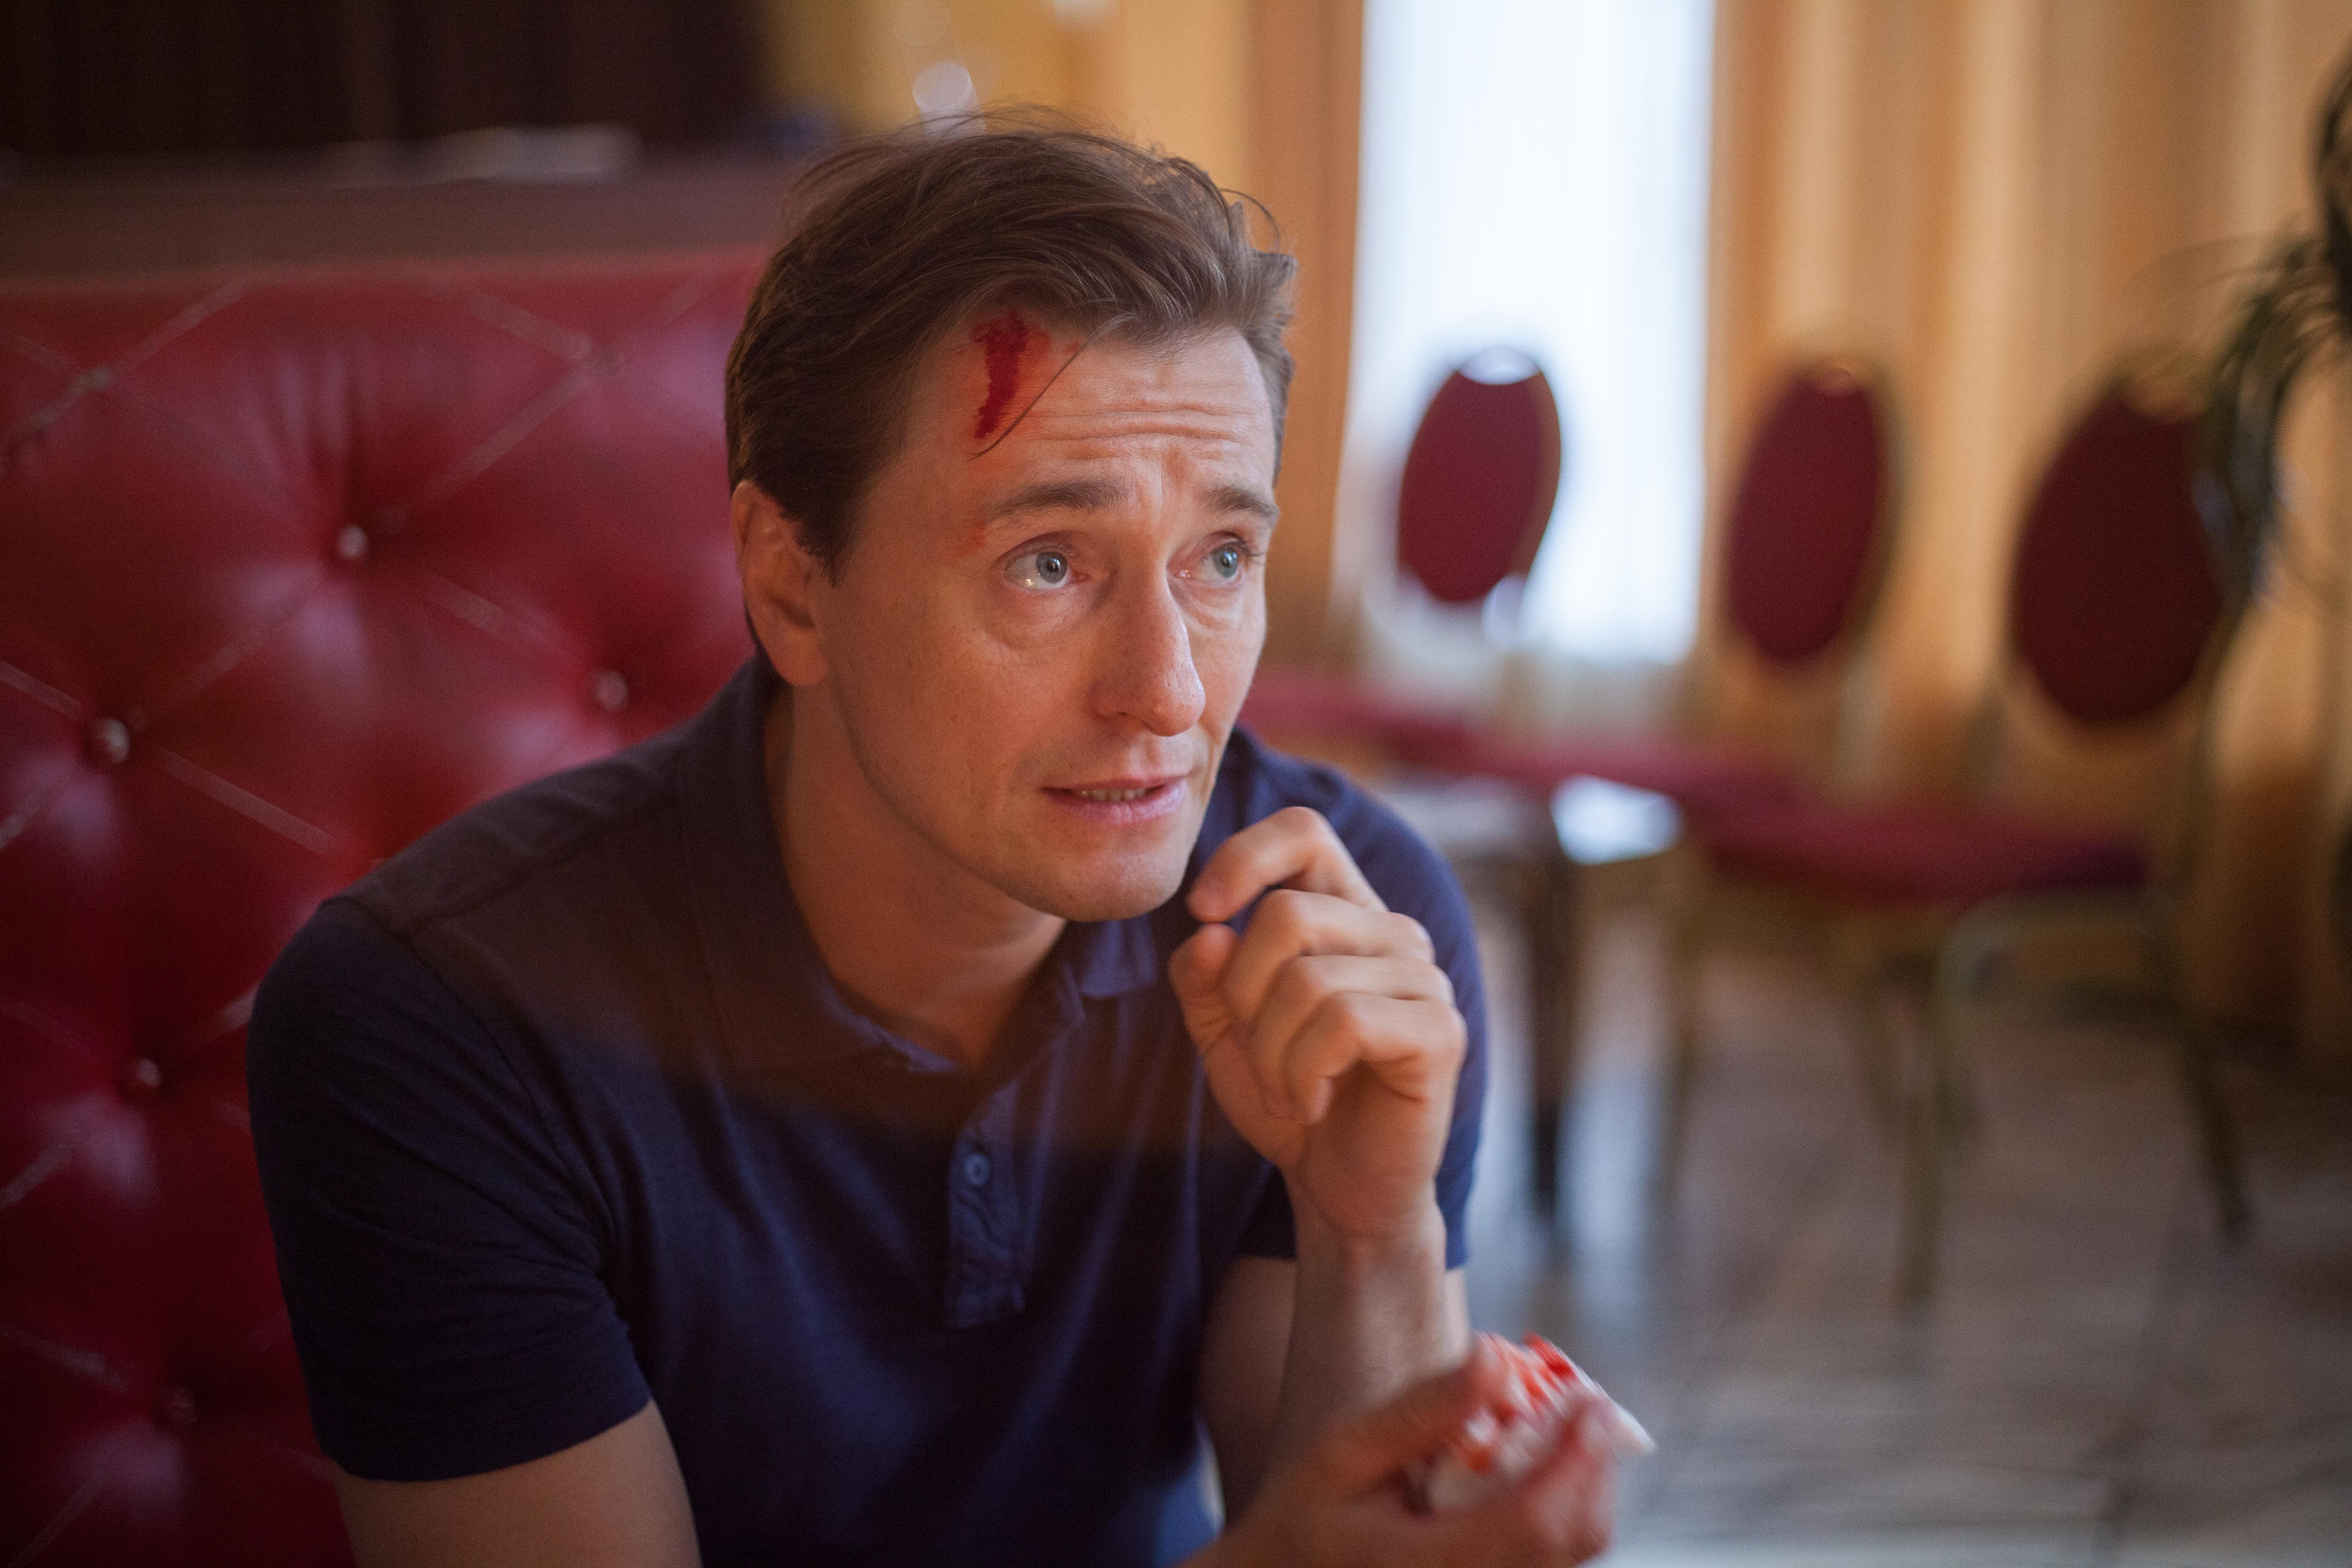 Фото актера Безрукова Сергея с кровью (грим) на лбу с высоким разрешением